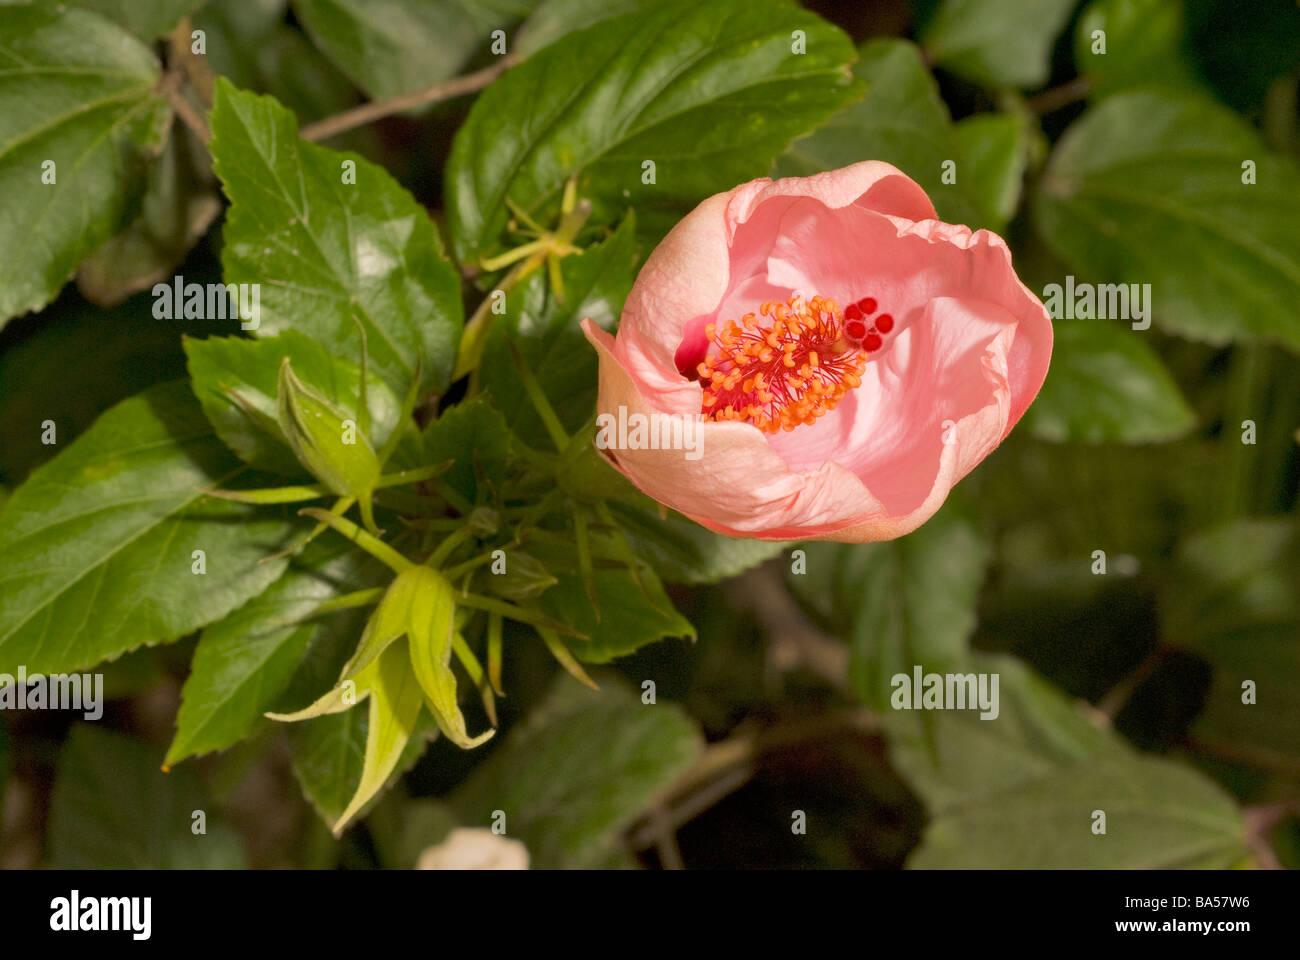 Seychelles Hibiscus blossom Hibiscus rosa sinensis, Malvaceae - Stock Image